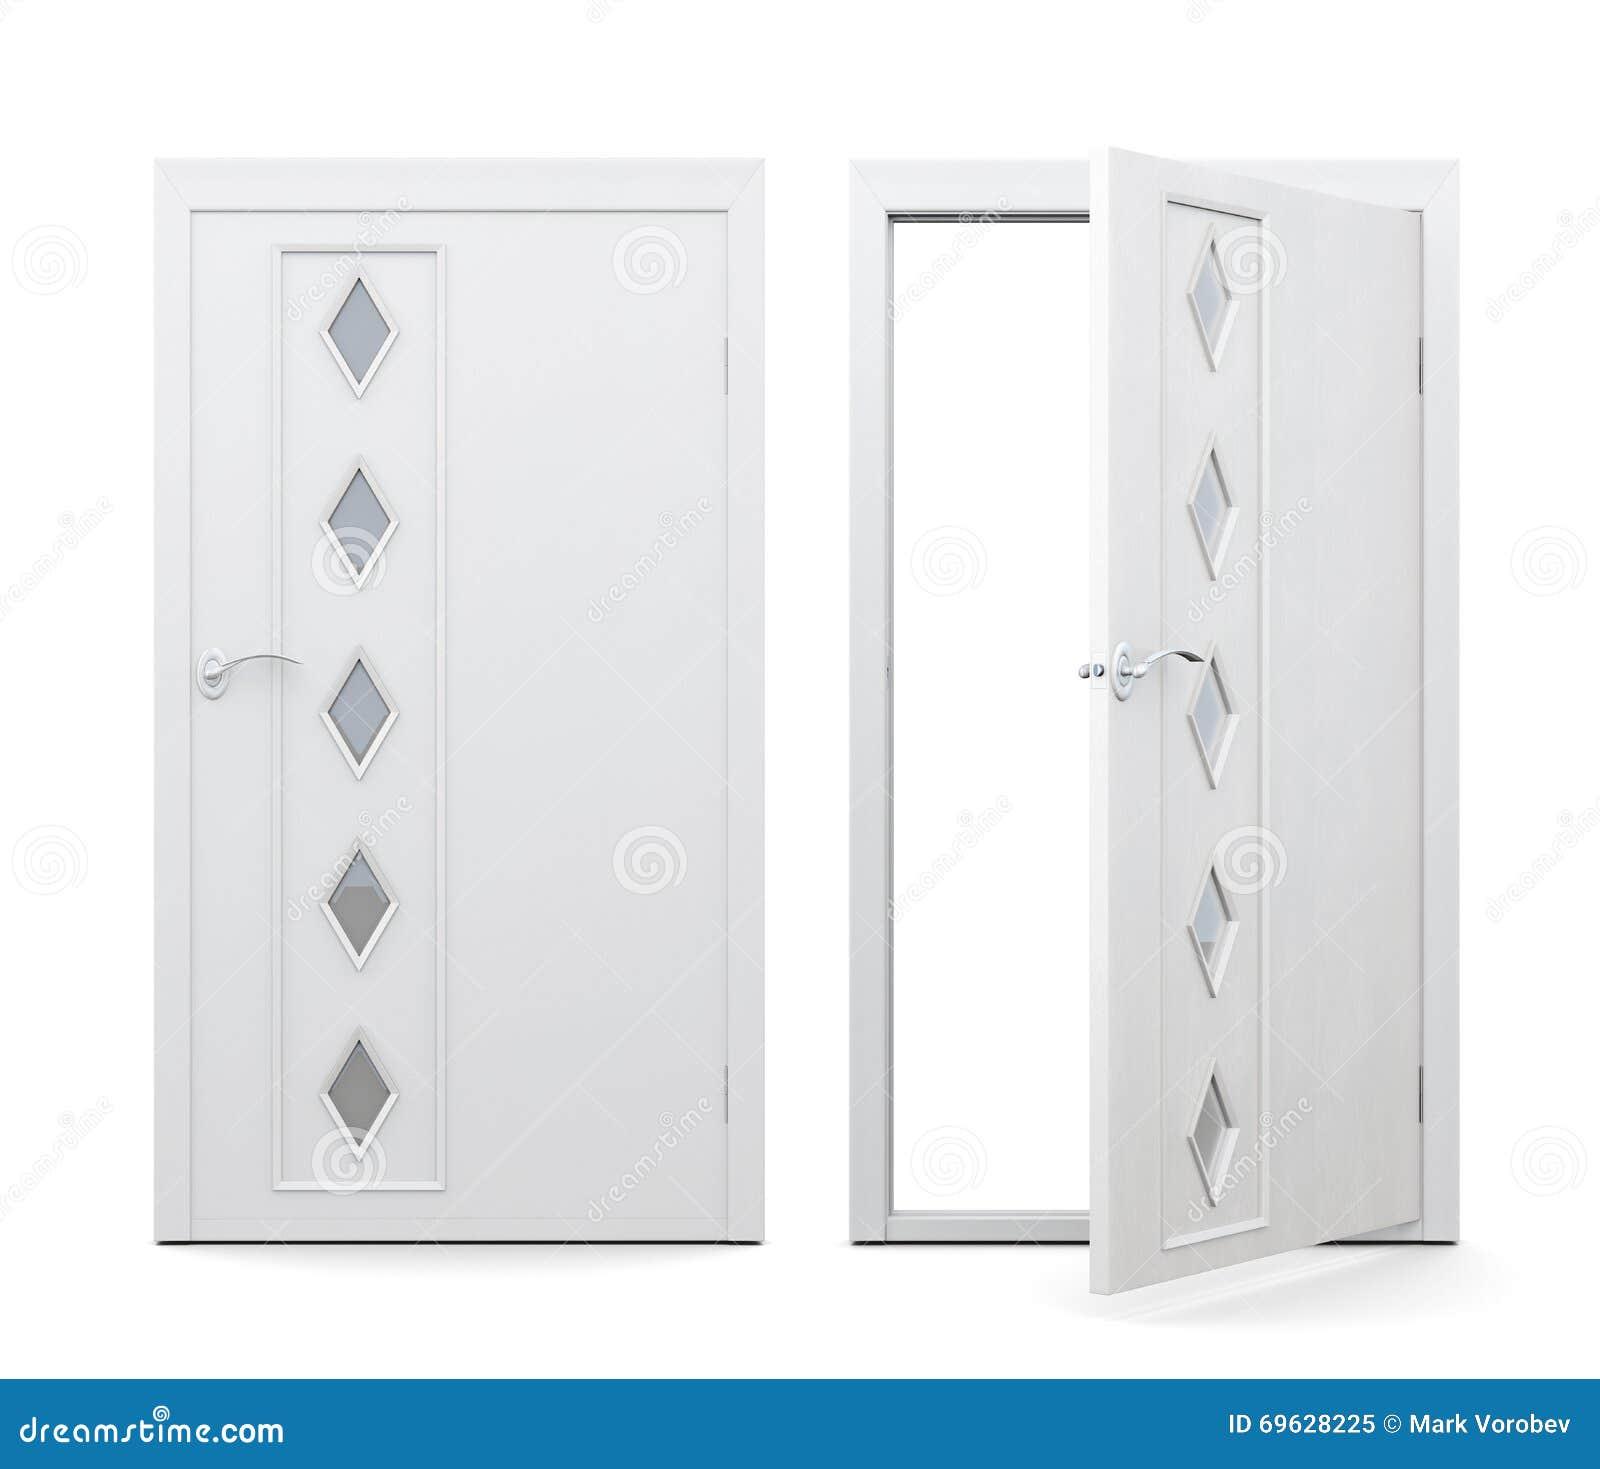 Geschlossene tür zeichnung  Offene Und Geschlossene Tür Auf Weißem Hintergrund Wiedergabe 3d ...